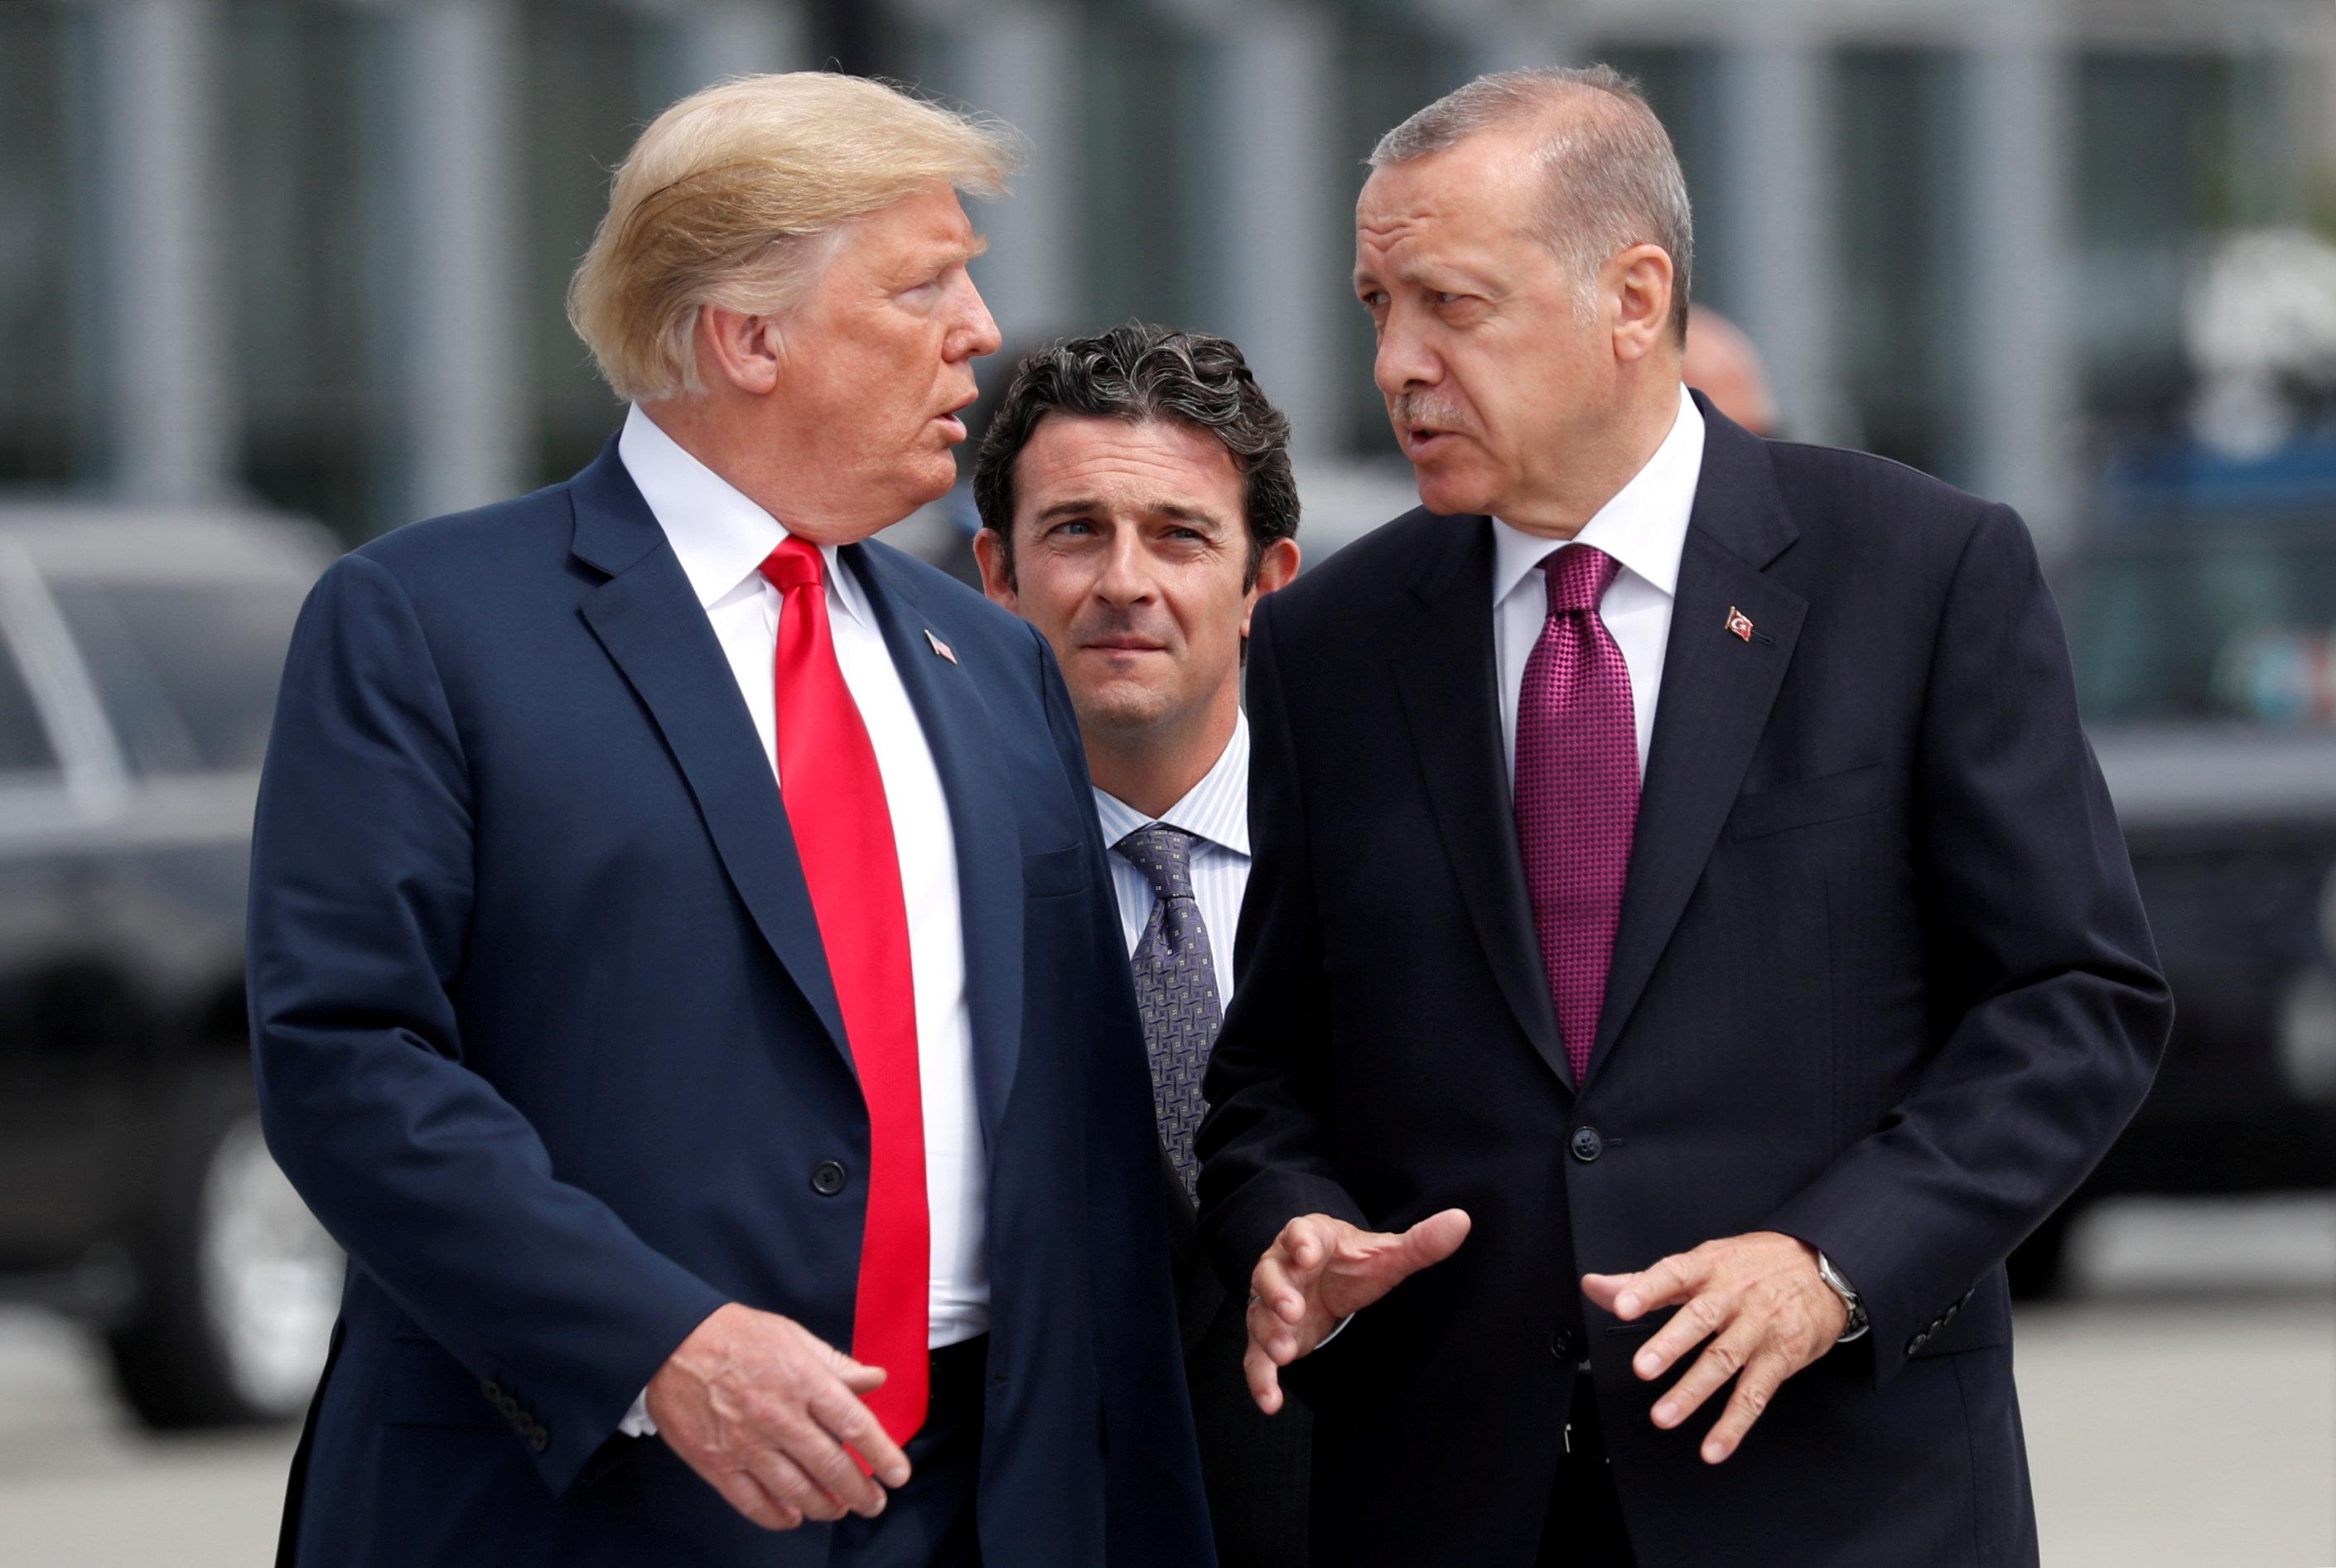 Τελεσίγραφο Τραμπ σε Ερντογάν : Δεν έχουμε να συζητήσουμε τίποτα μέχρι να απελευθερώσετε τον πάστορα | tovima.gr